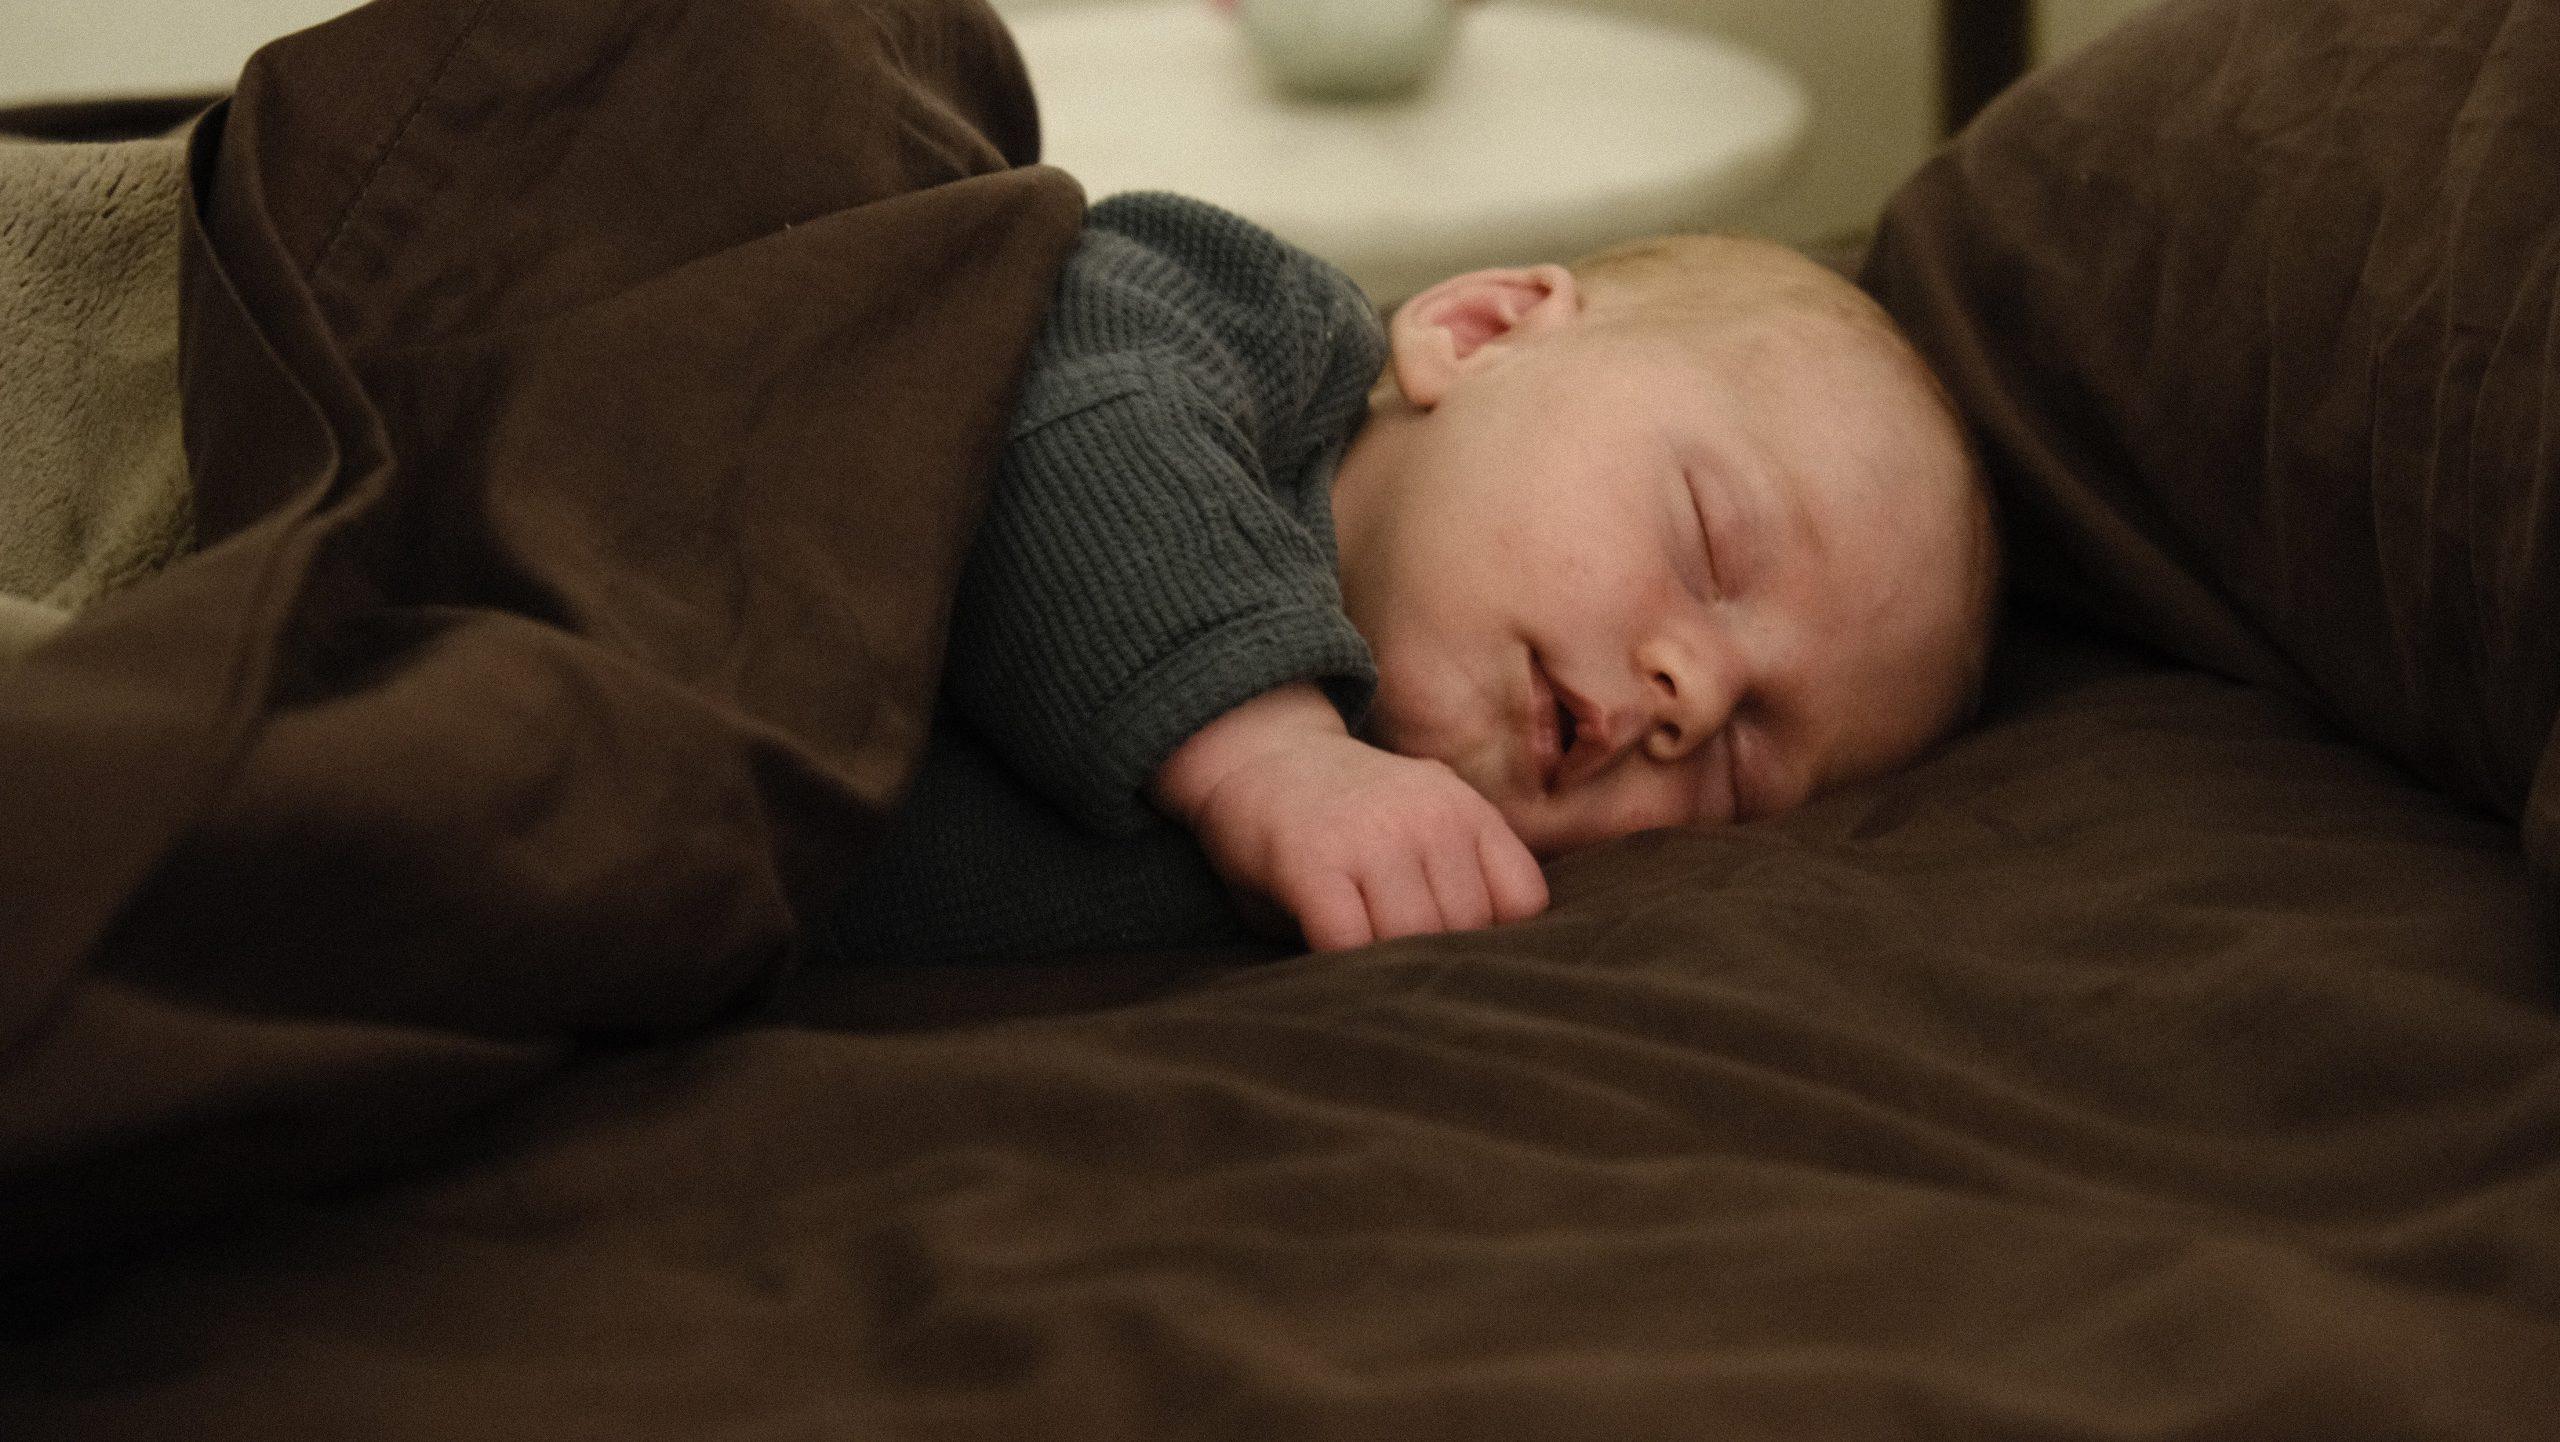 sleeping baby with balnket